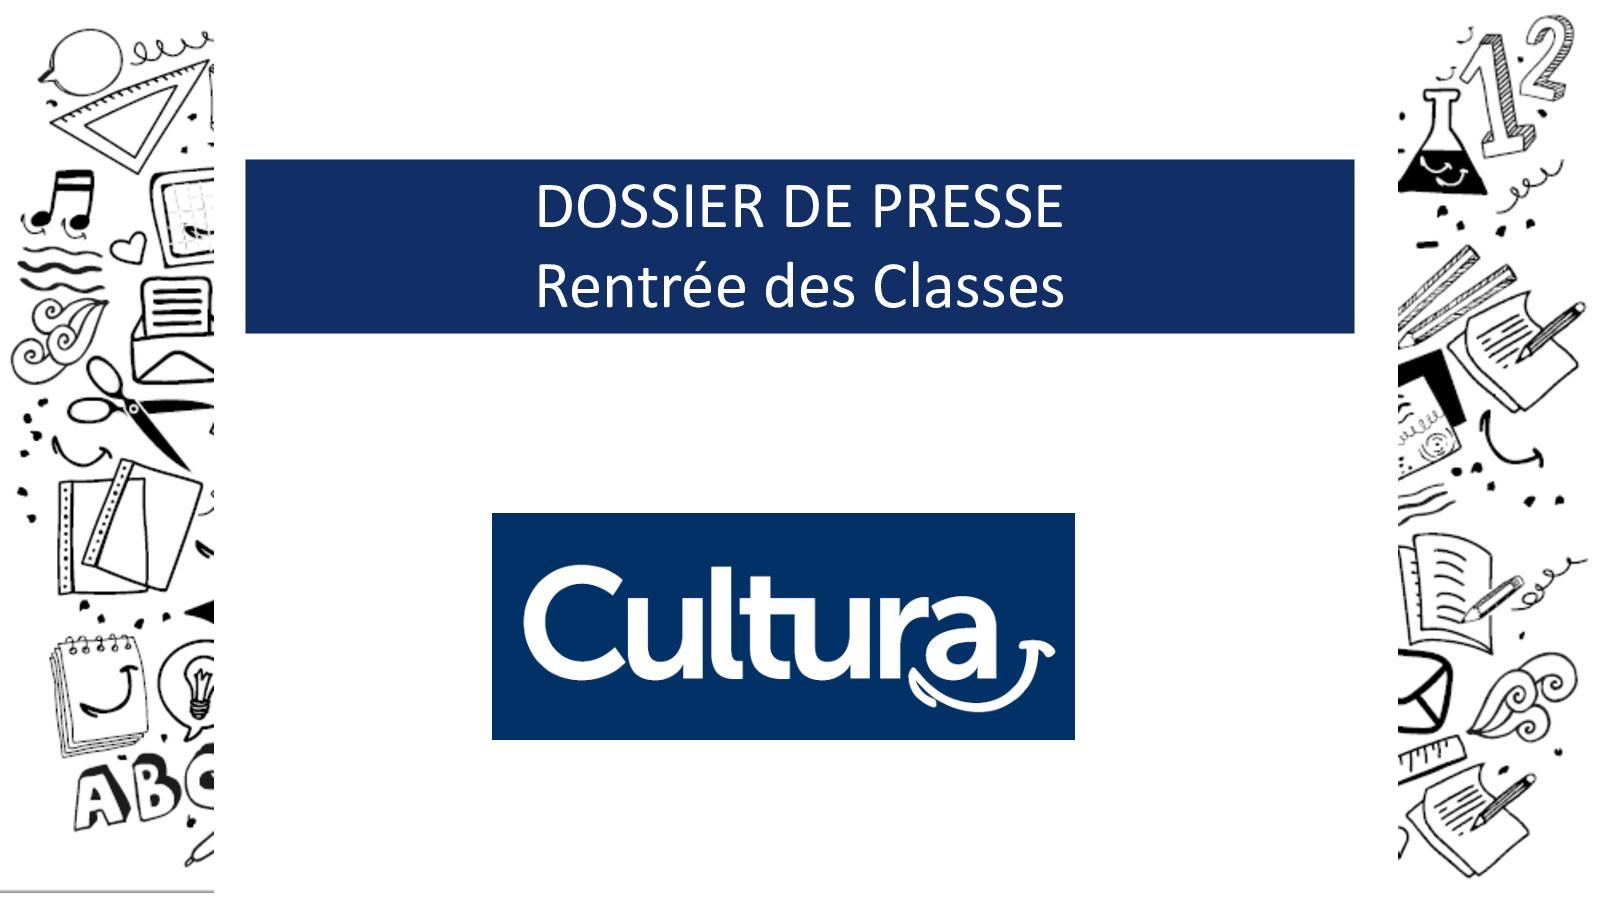 Coloriage Licorne Cultura.Calameo Dossier Presse Cultura Rentree Des Classes